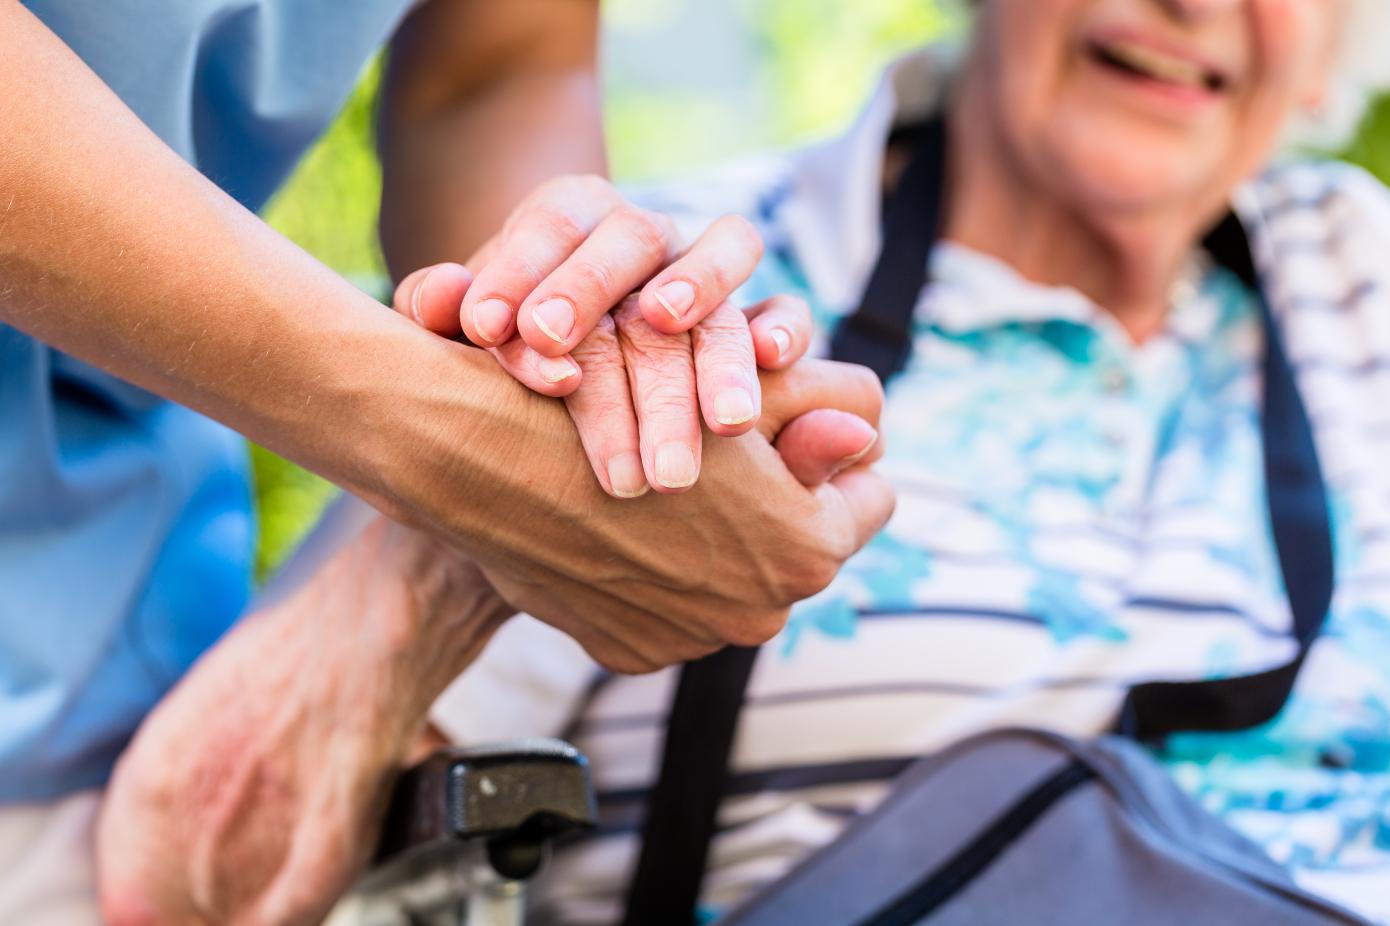 Venstres ældrepolitik har til formål at skabe mere frihed og flere muligheder til vores ældre.